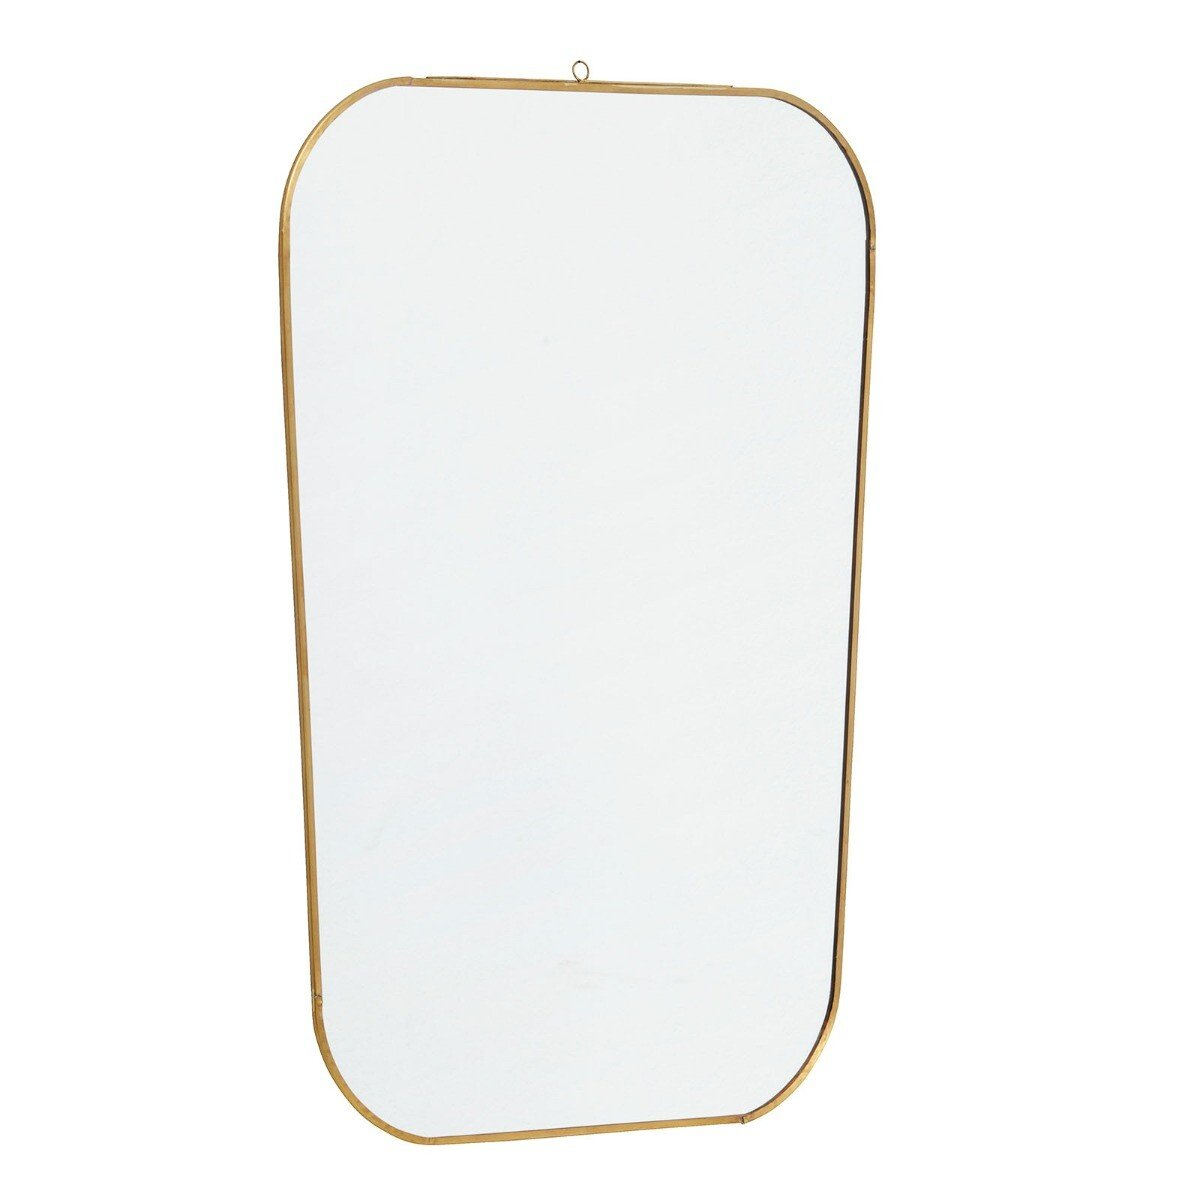 Nordal spiegel golden edges 51 x 35